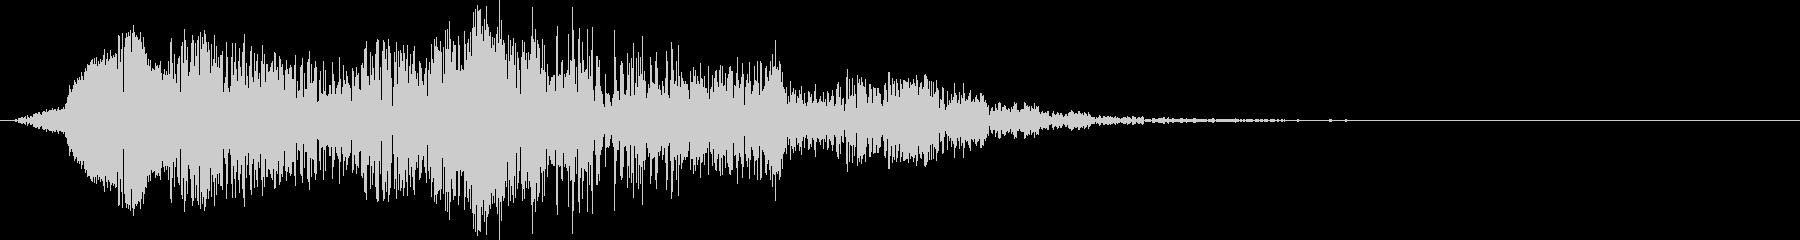 這いずる・触手を動かす音(低)の未再生の波形